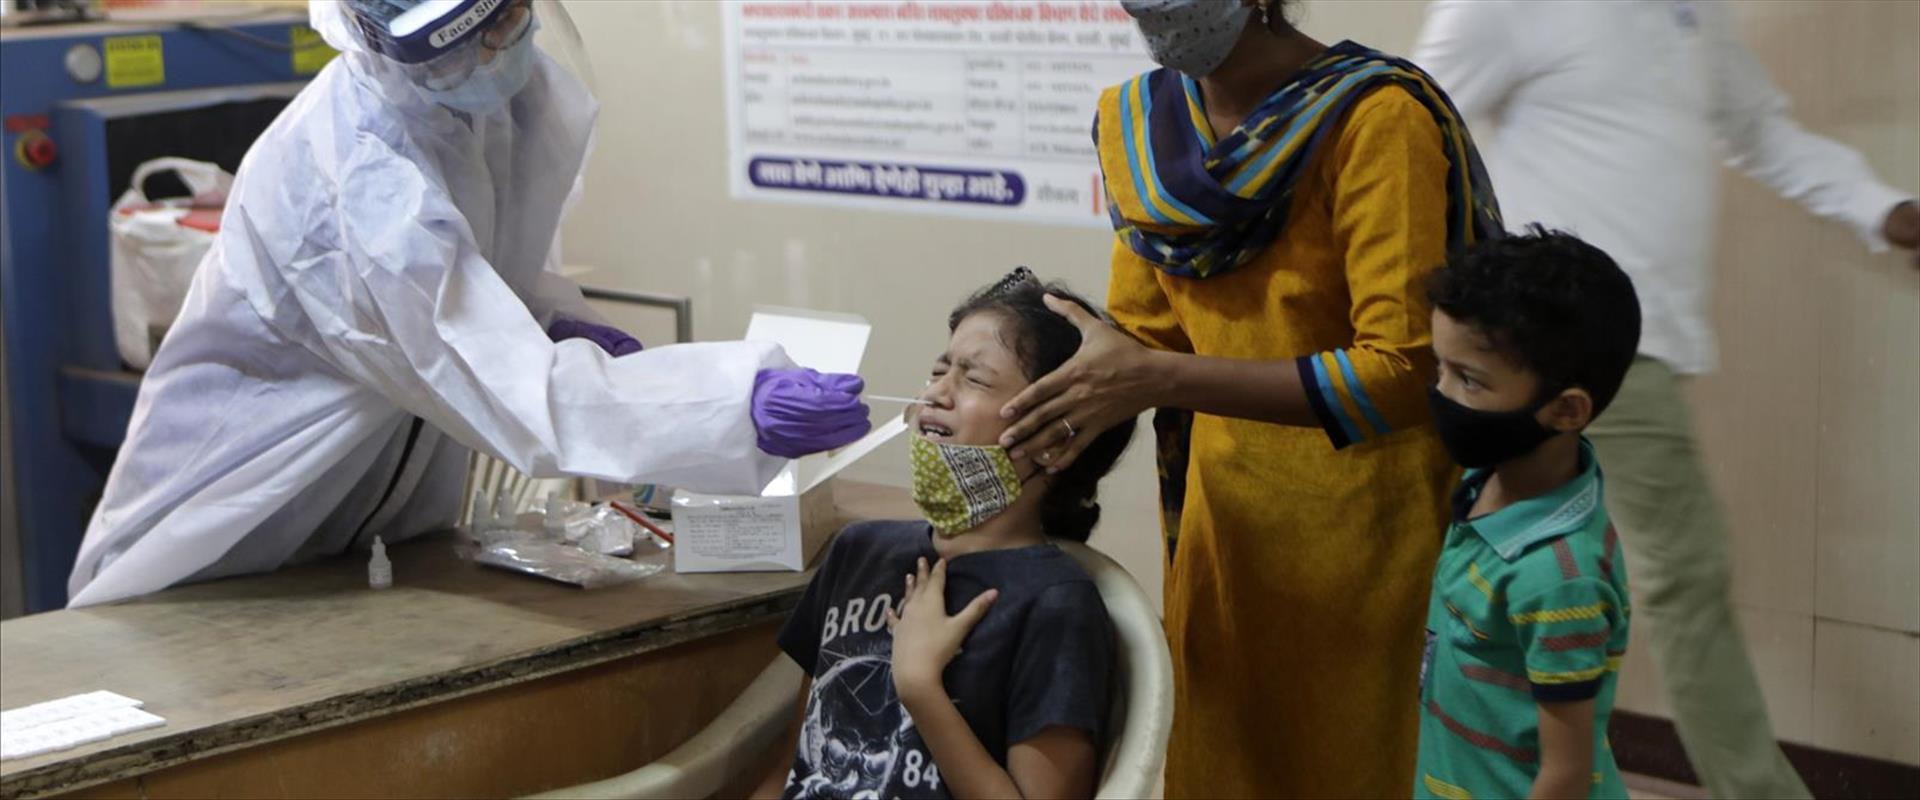 בדיקת קורונה במומבאי, אתמול